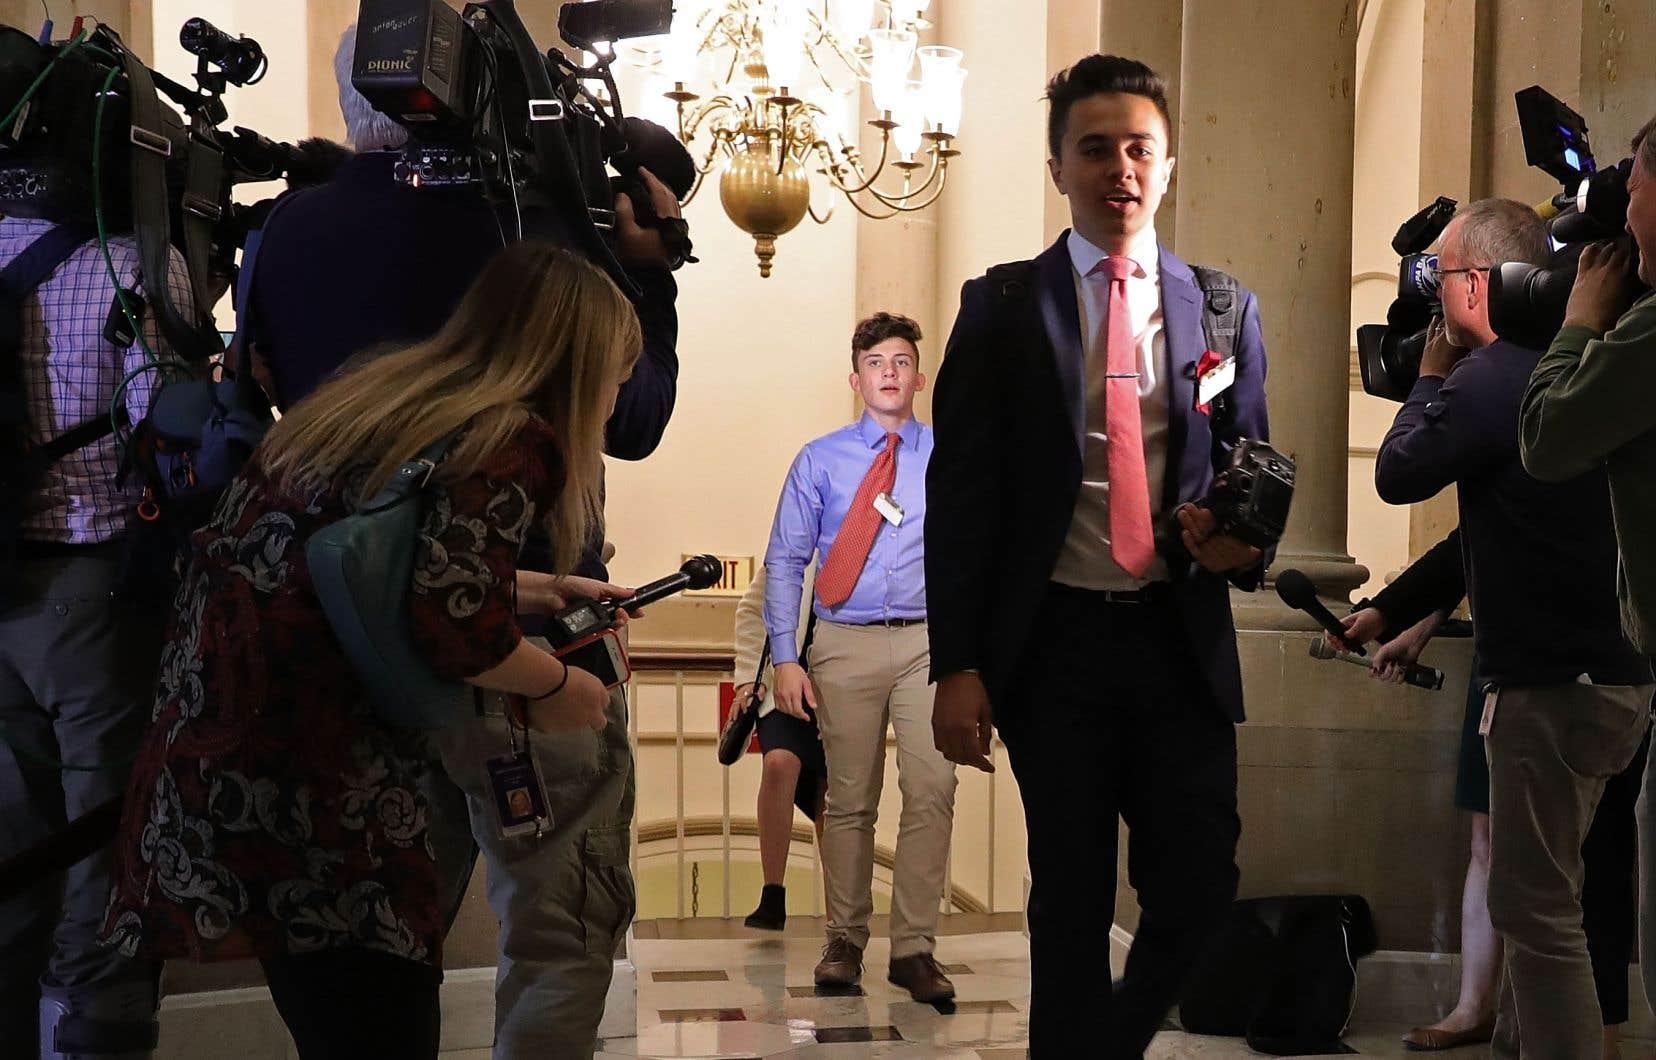 Des élèves de l'école secondaire Marjory Stoneman Douglas rencontraientaujourd'huile président de la Chambre des représentants, le républicain Paul Ryan.